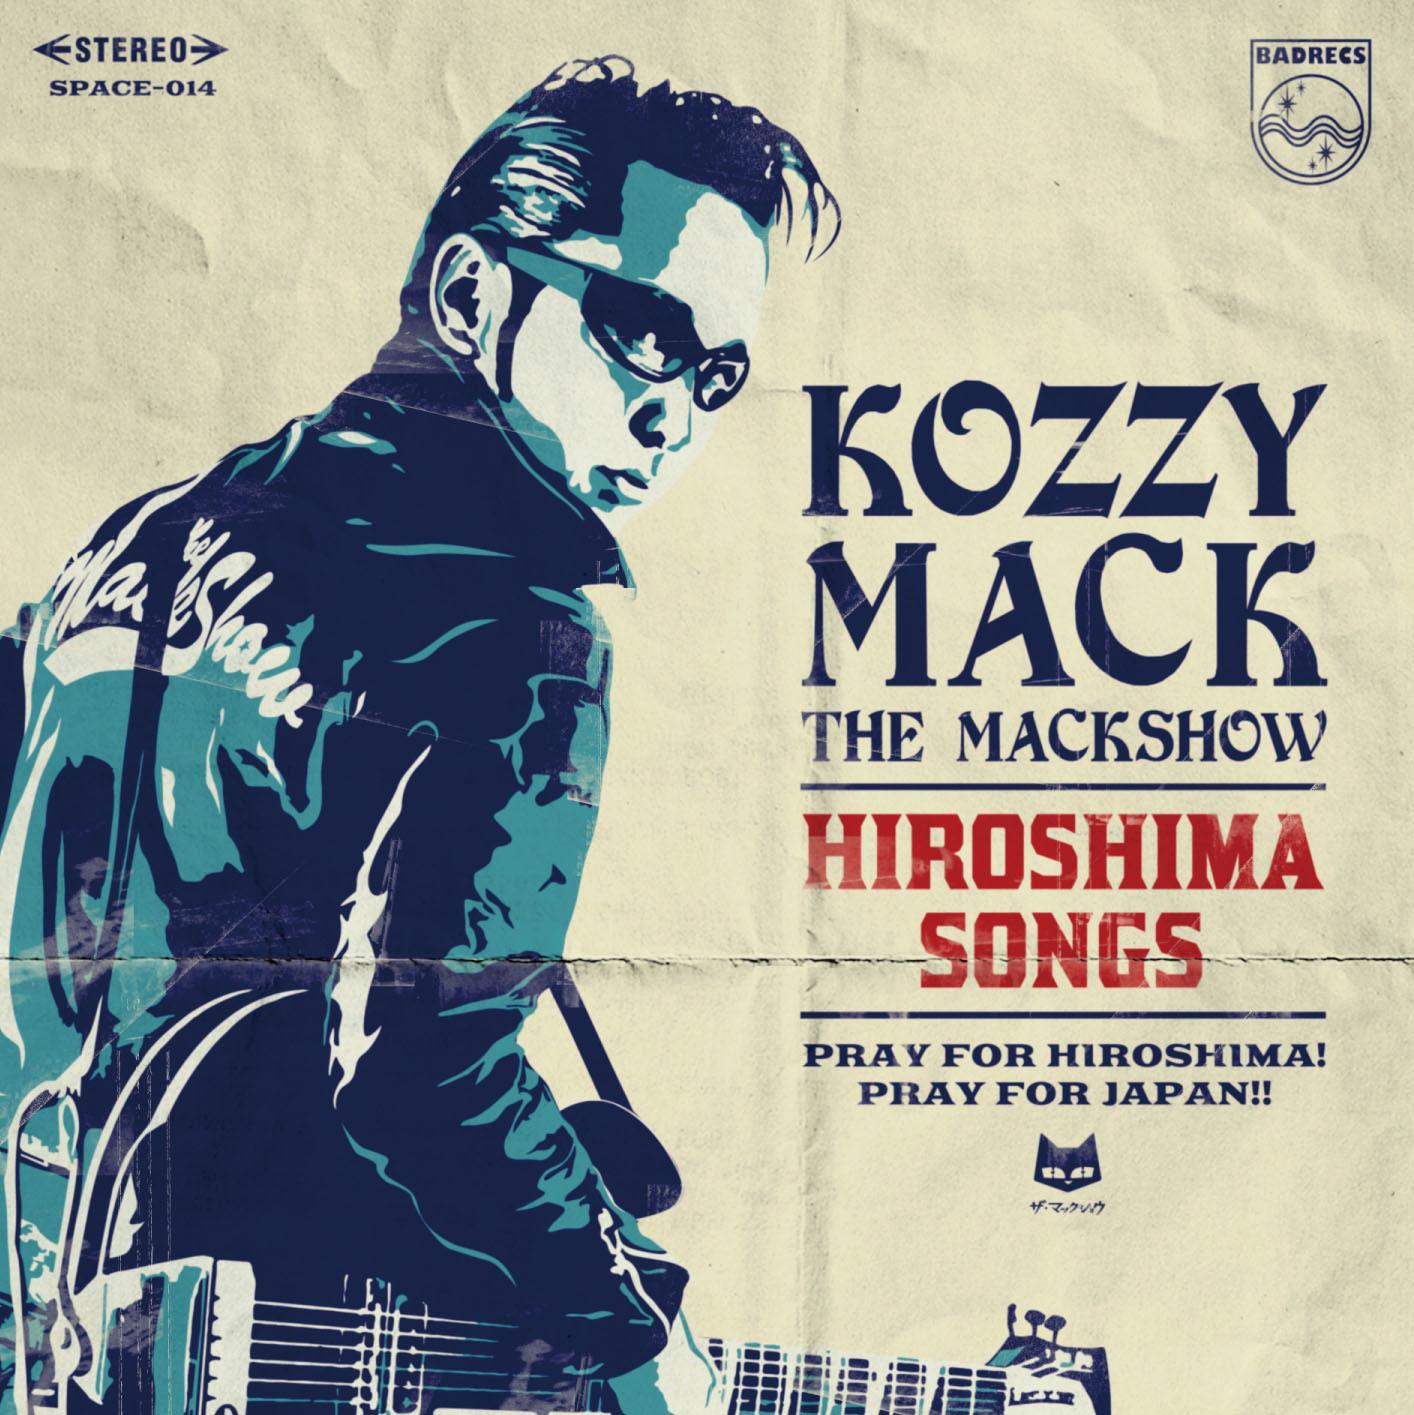 HIROSHIMA SONGS /KOZZY MACK (THE MACKSHOW) RVCD-039